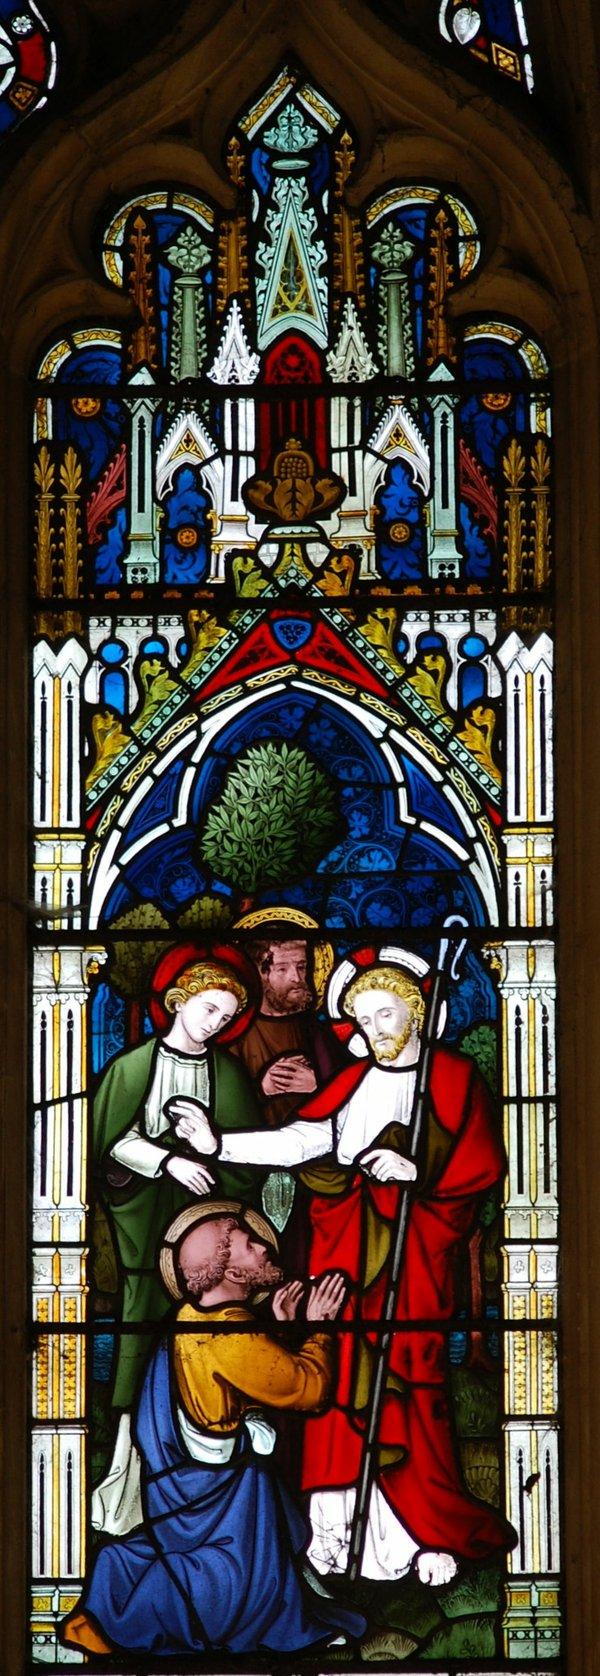 Peter proclaims Jesus